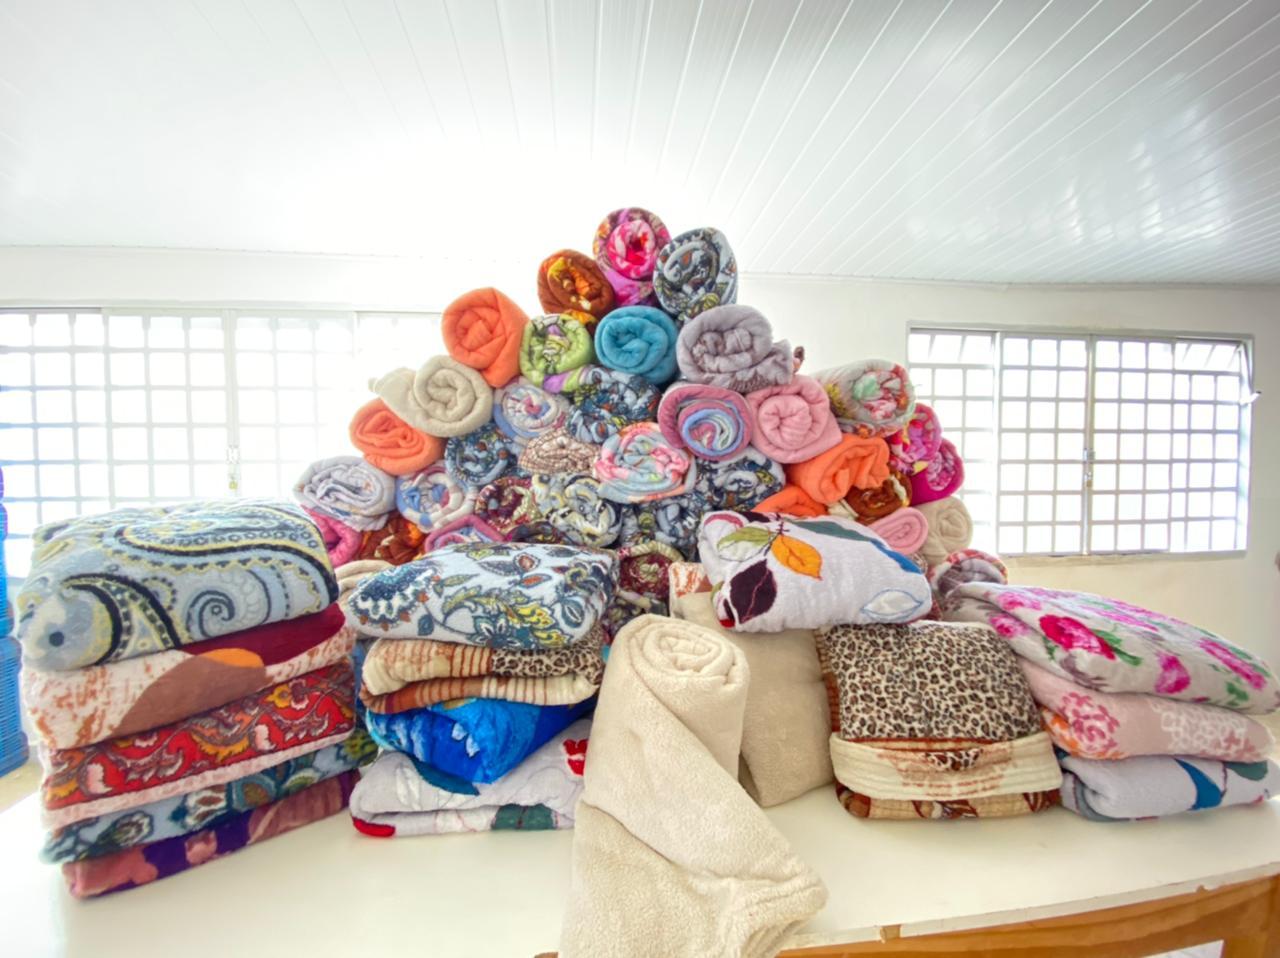 Secretaria de Desenvolvimento Social de Itararé (SP) recebe doação anônima de 90 cobertores